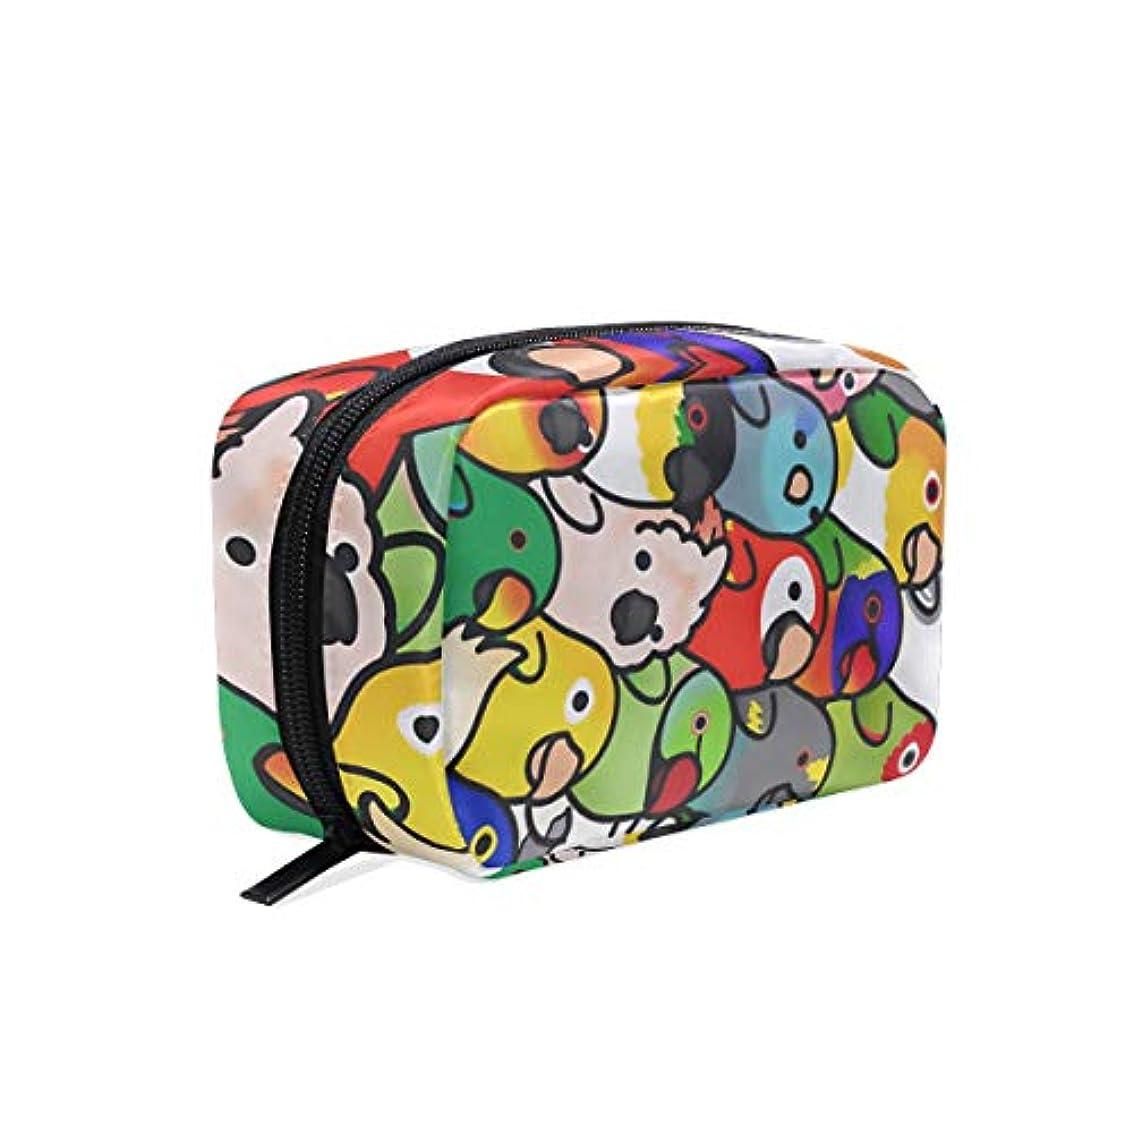 ミシン記憶に残る港鳥 鸚鵡 こんごういんこ 化粧品袋 ジッパーと繊細な印刷パターン付き 列車 旅行 荷物梱包用 女の子へのプレゼント Parrots Lovebird Macaw